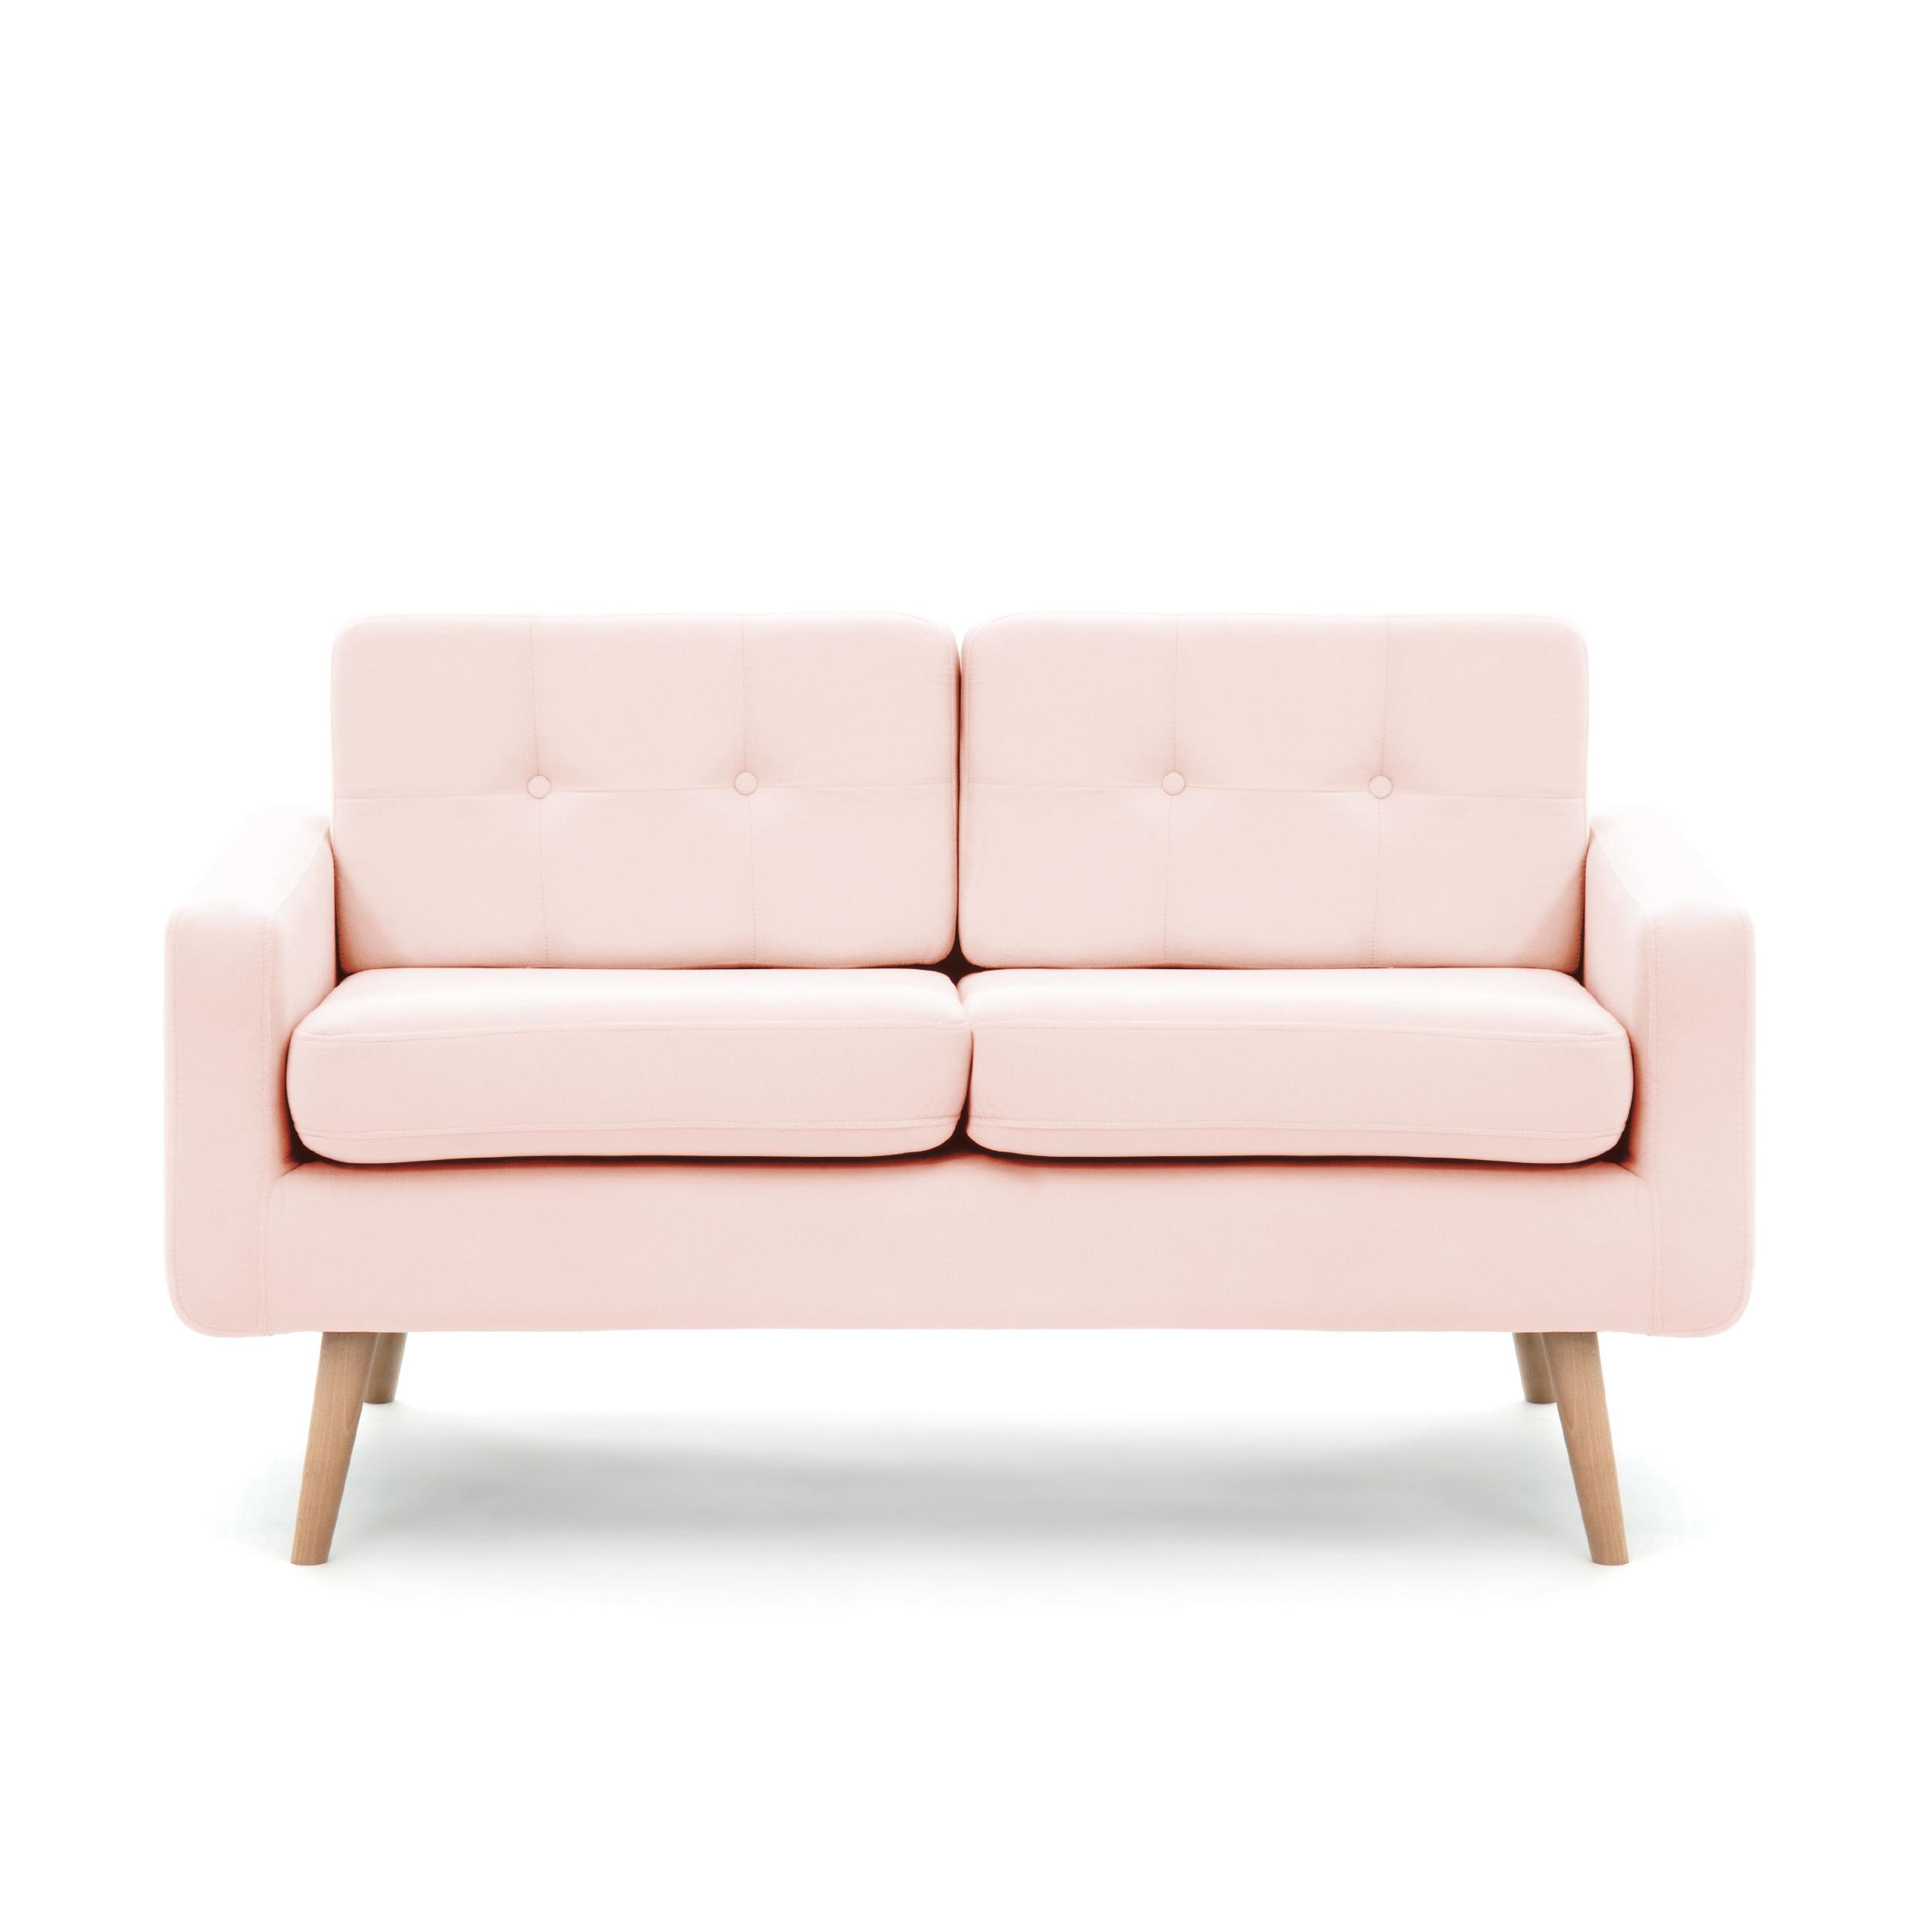 Canapea Fixa 2 locuri Ina Pastel Pink